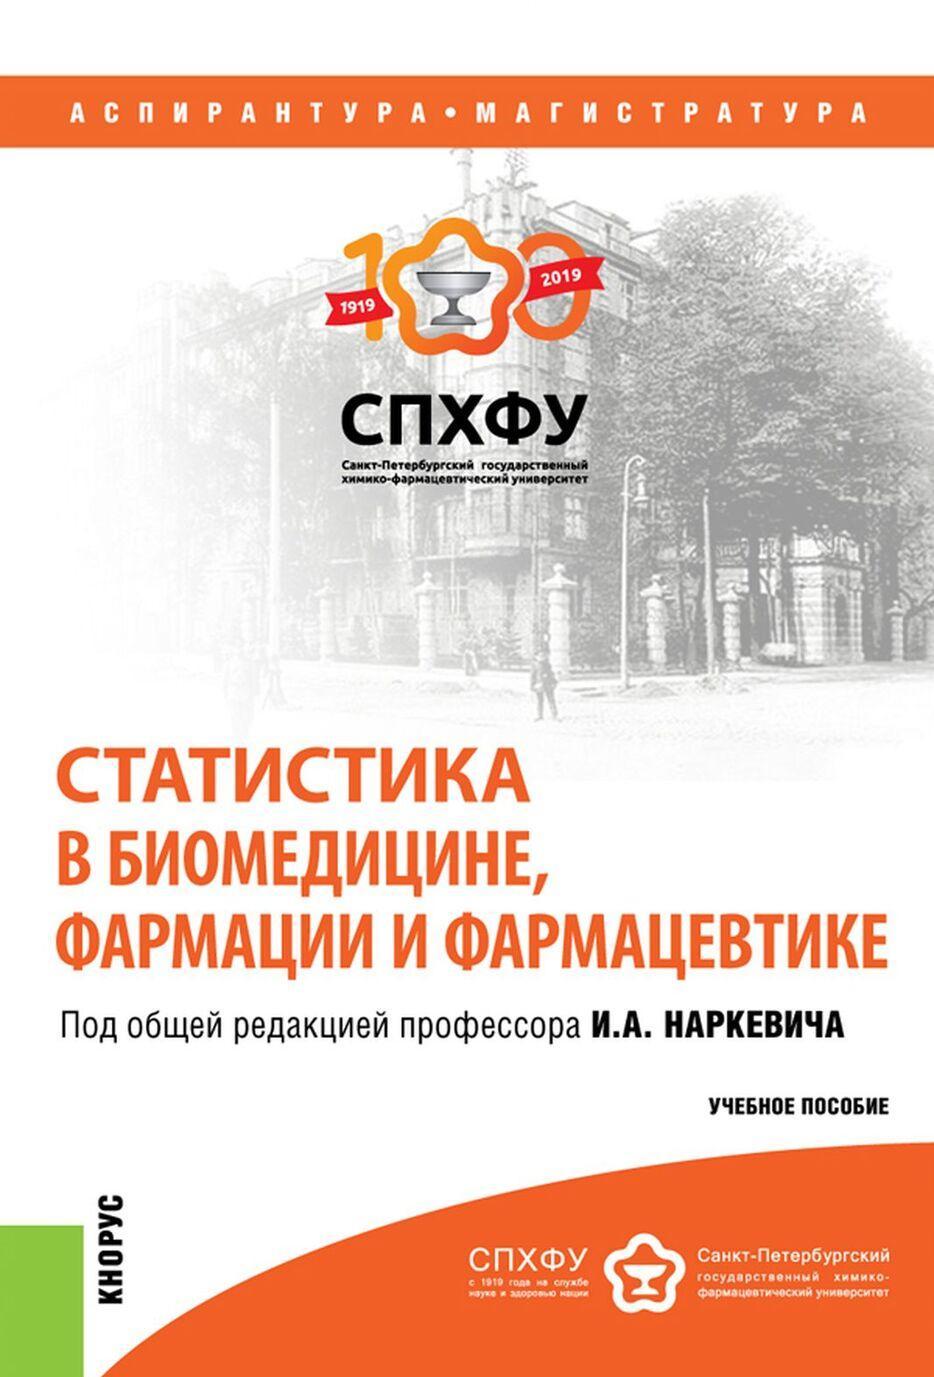 Statistika v biomeditsine, farmatsii i farmatsevtike. Uchebnoe posobie | Narkevich Igor Anatolevich, Zubov N. N.